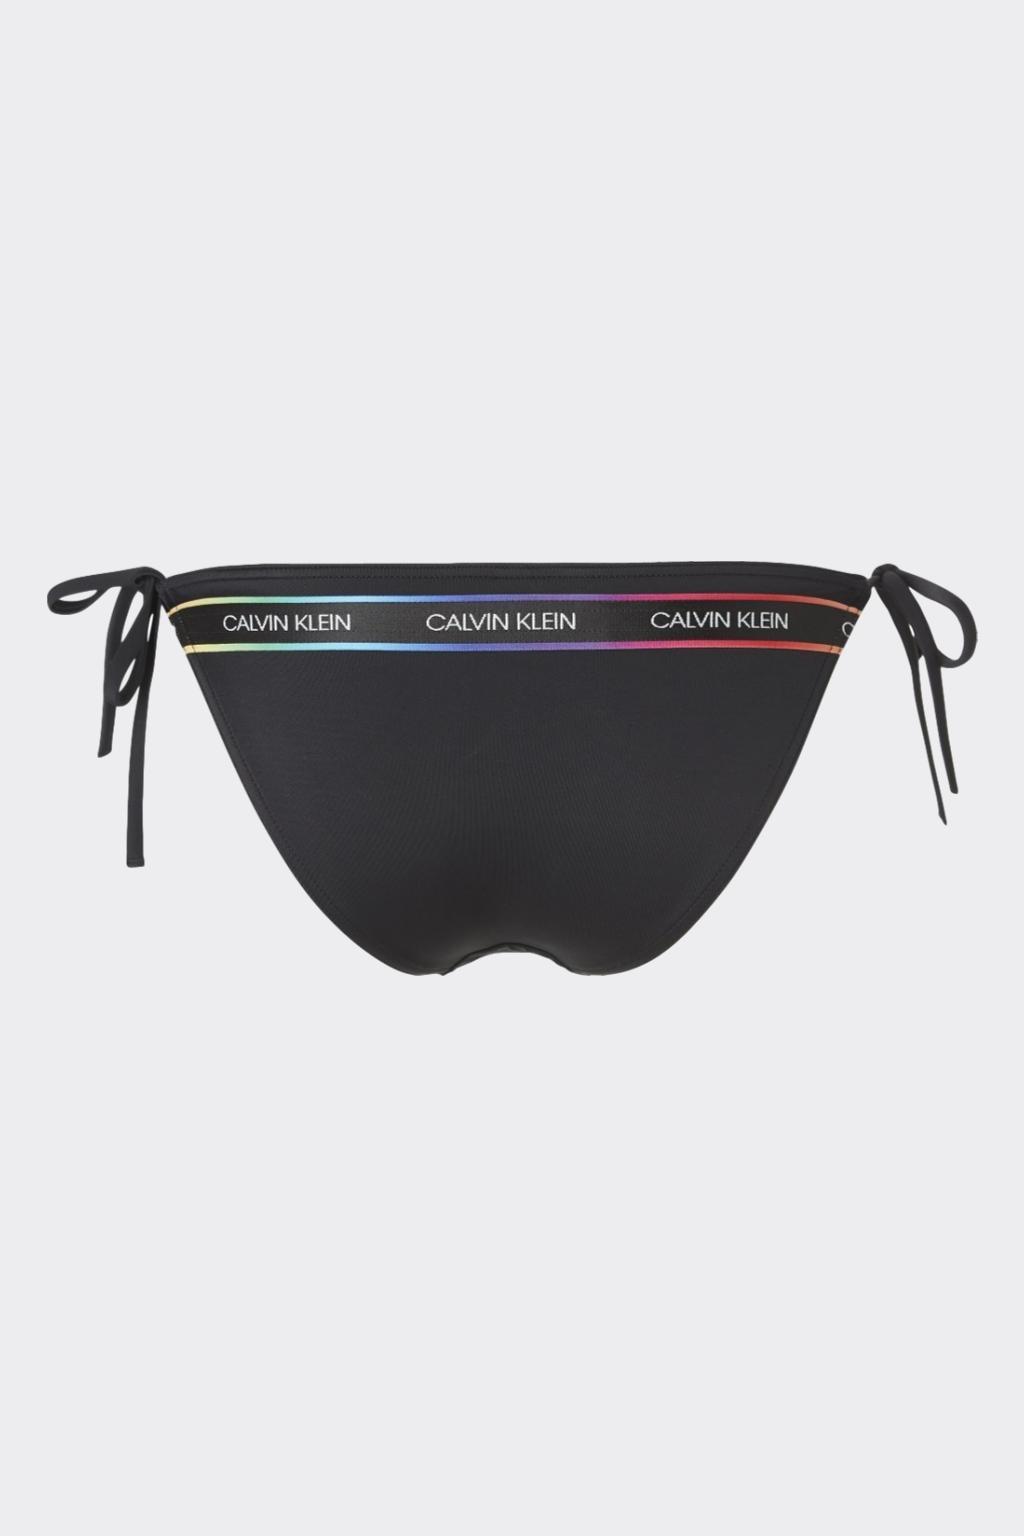 Calvin Klein spodní díl plavek - černá